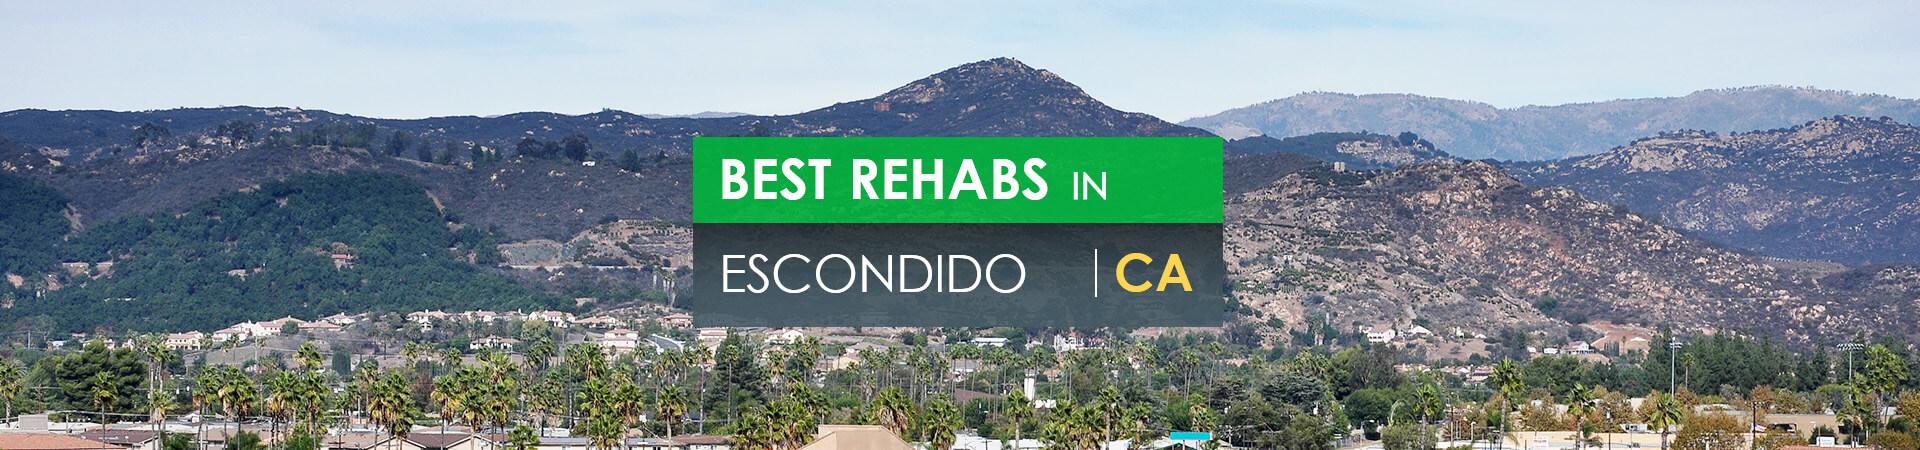 Best rehabs in Escondido, CA